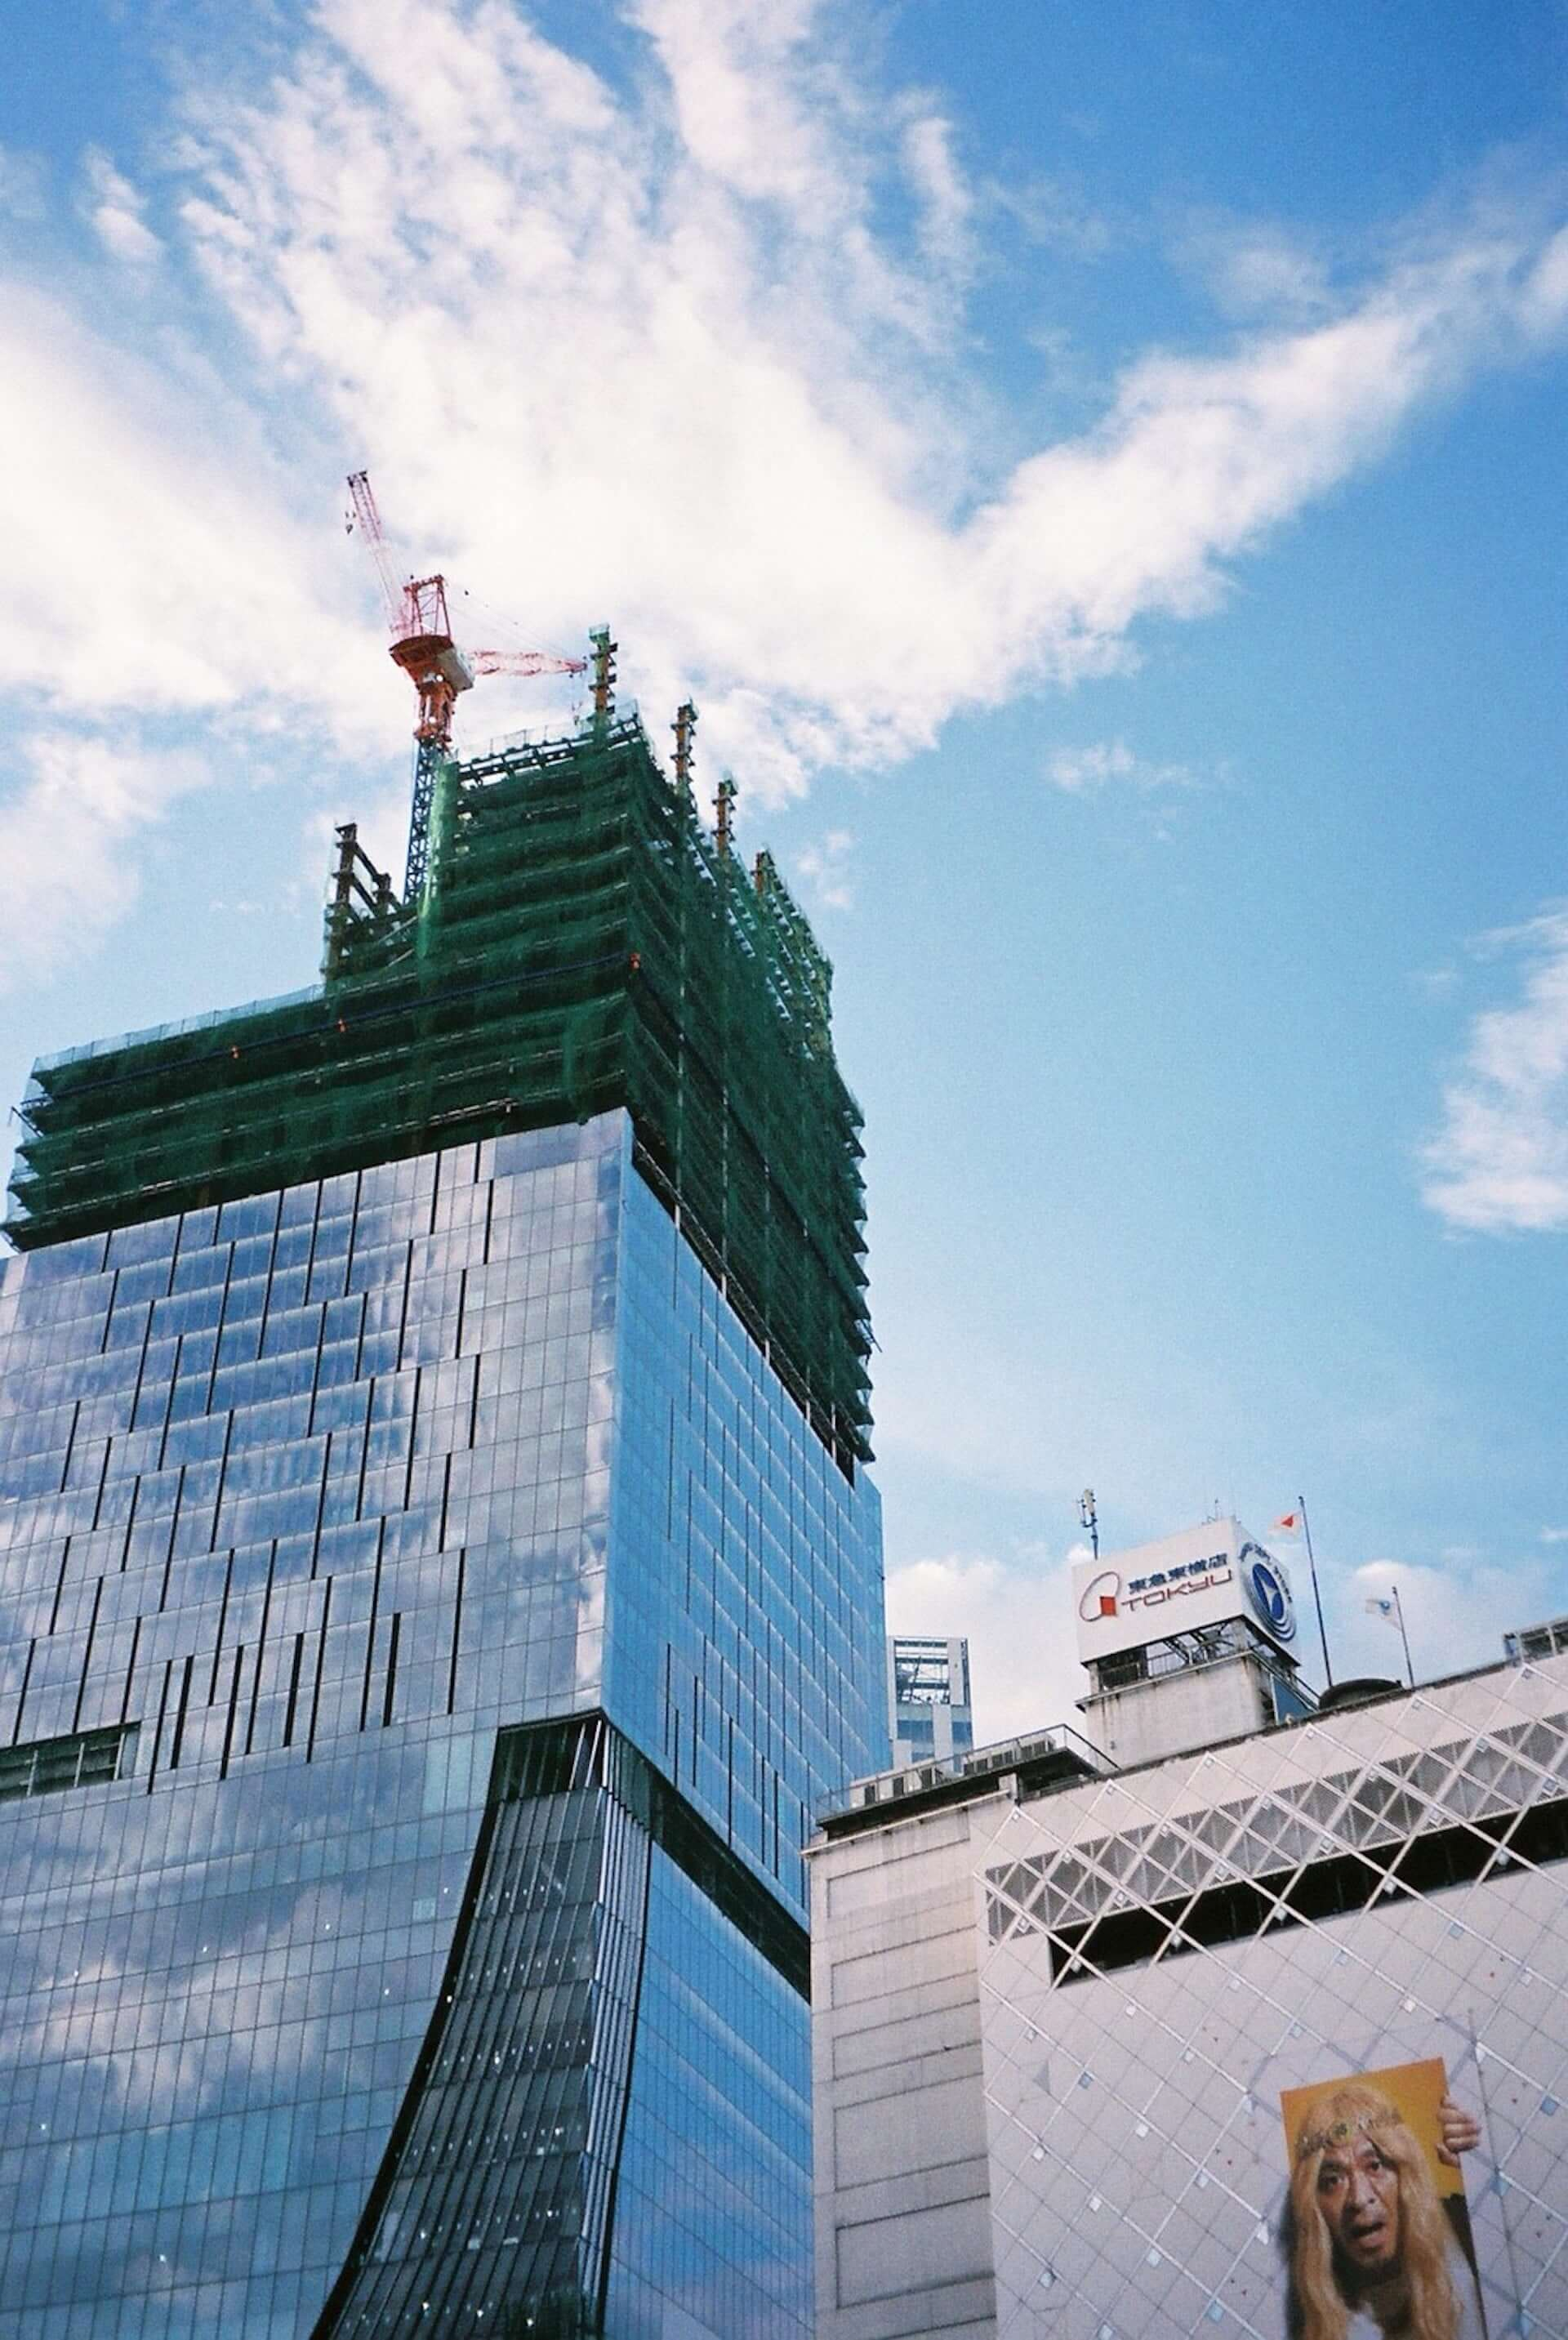 どうも東京の人にはなれなかったらしい|カップラーメンのお湯の線 rarara181220-cupmen-5-1920x2865